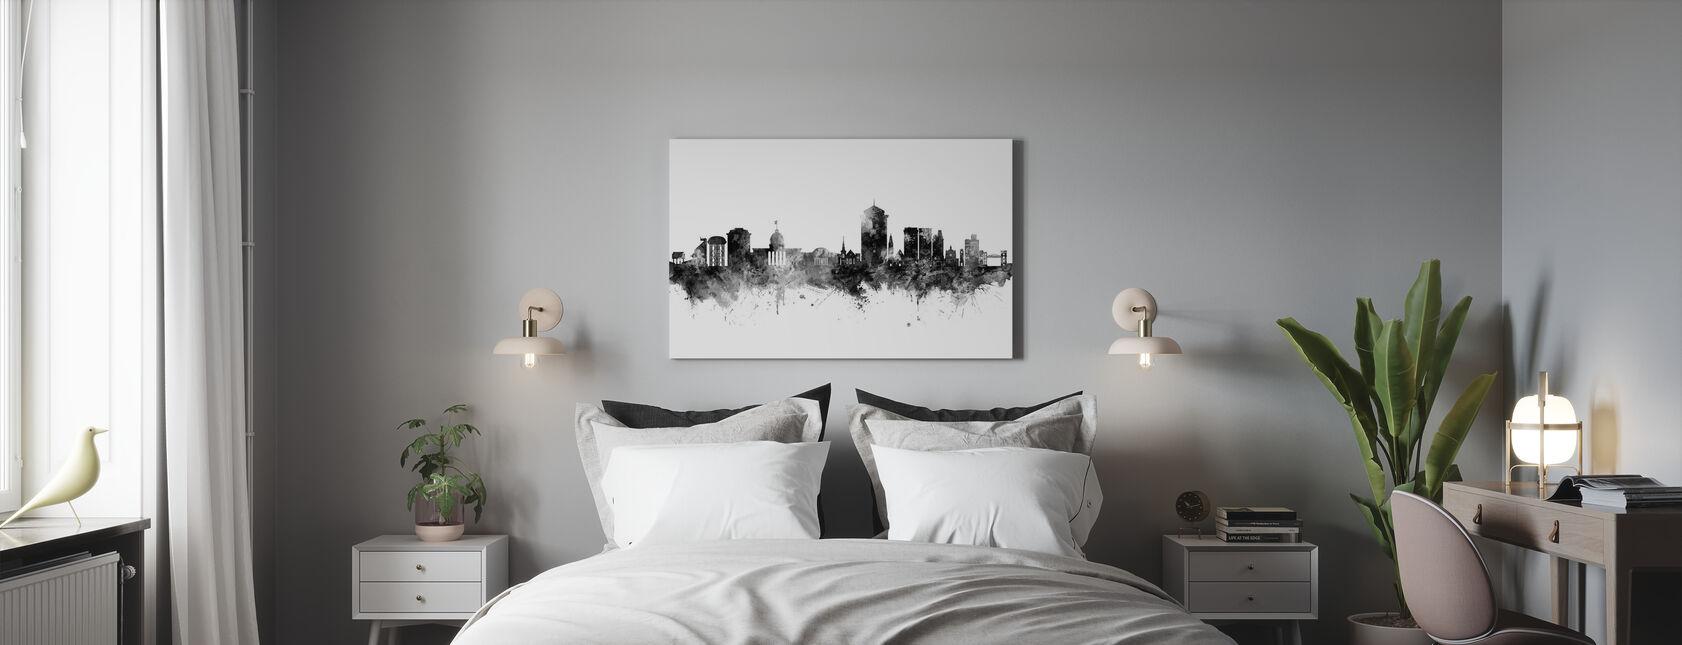 Montgomery Alabama Skyline - Billede på lærred - Soveværelse